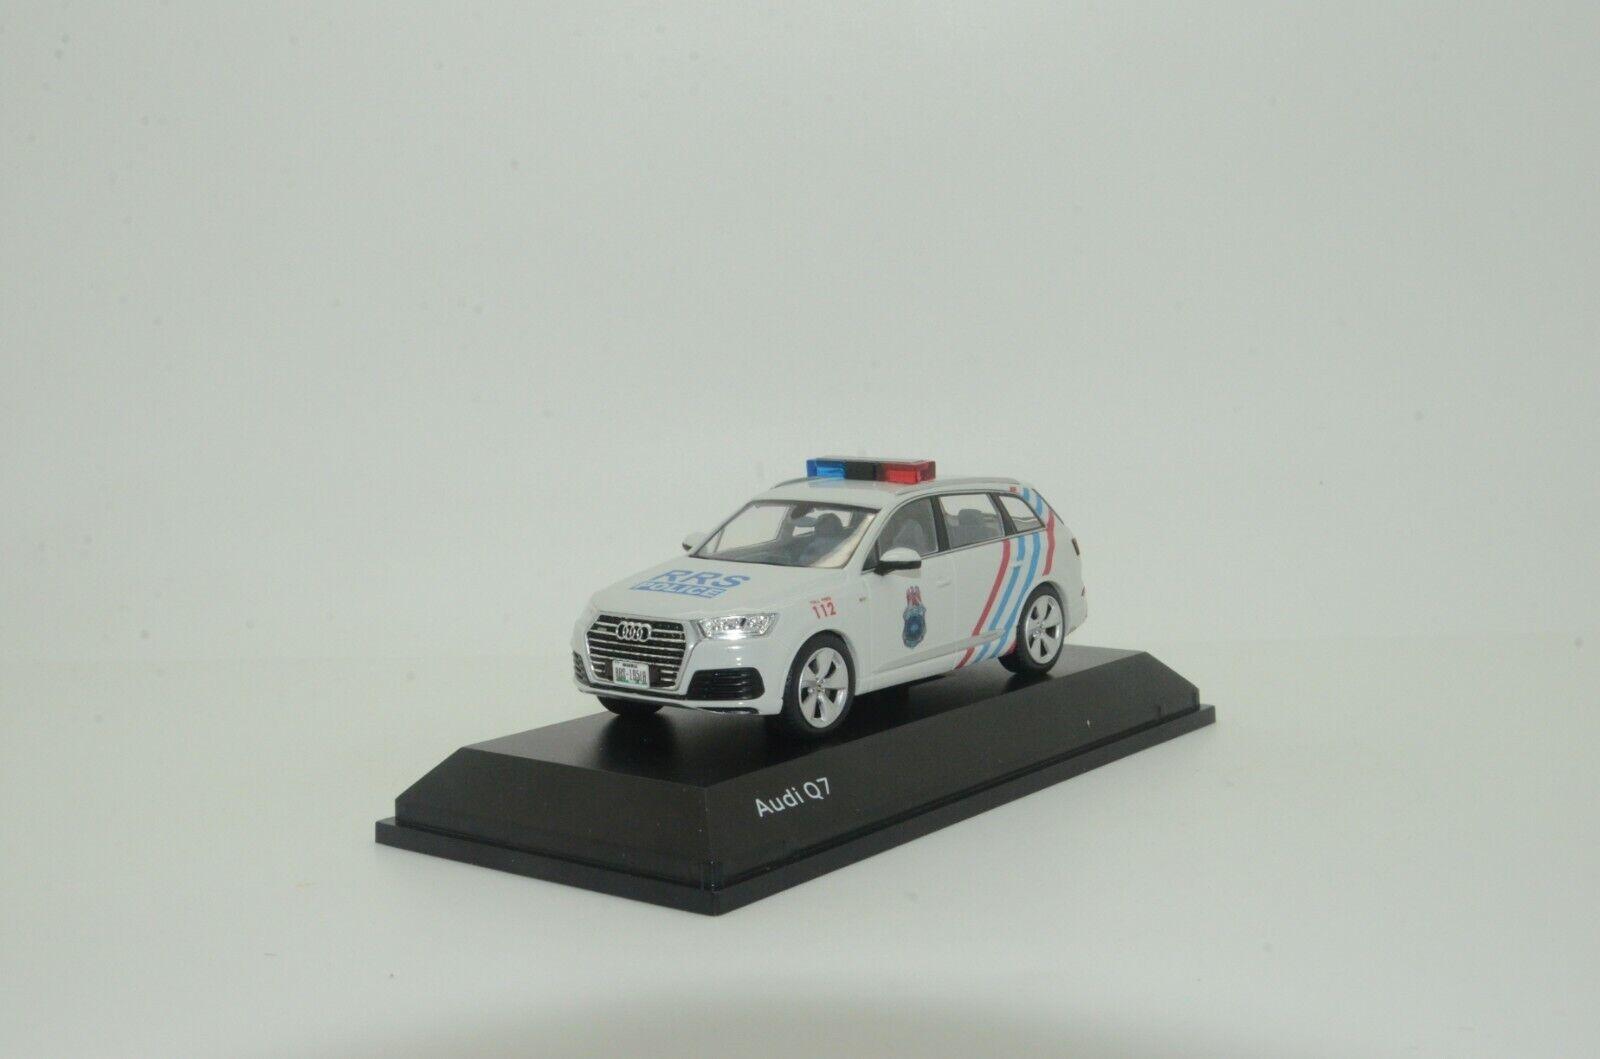 online barato   Raro Raro Raro  nuevo Audi Q7 Nigeria policía Hecho a Medida 1 43  precios bajos